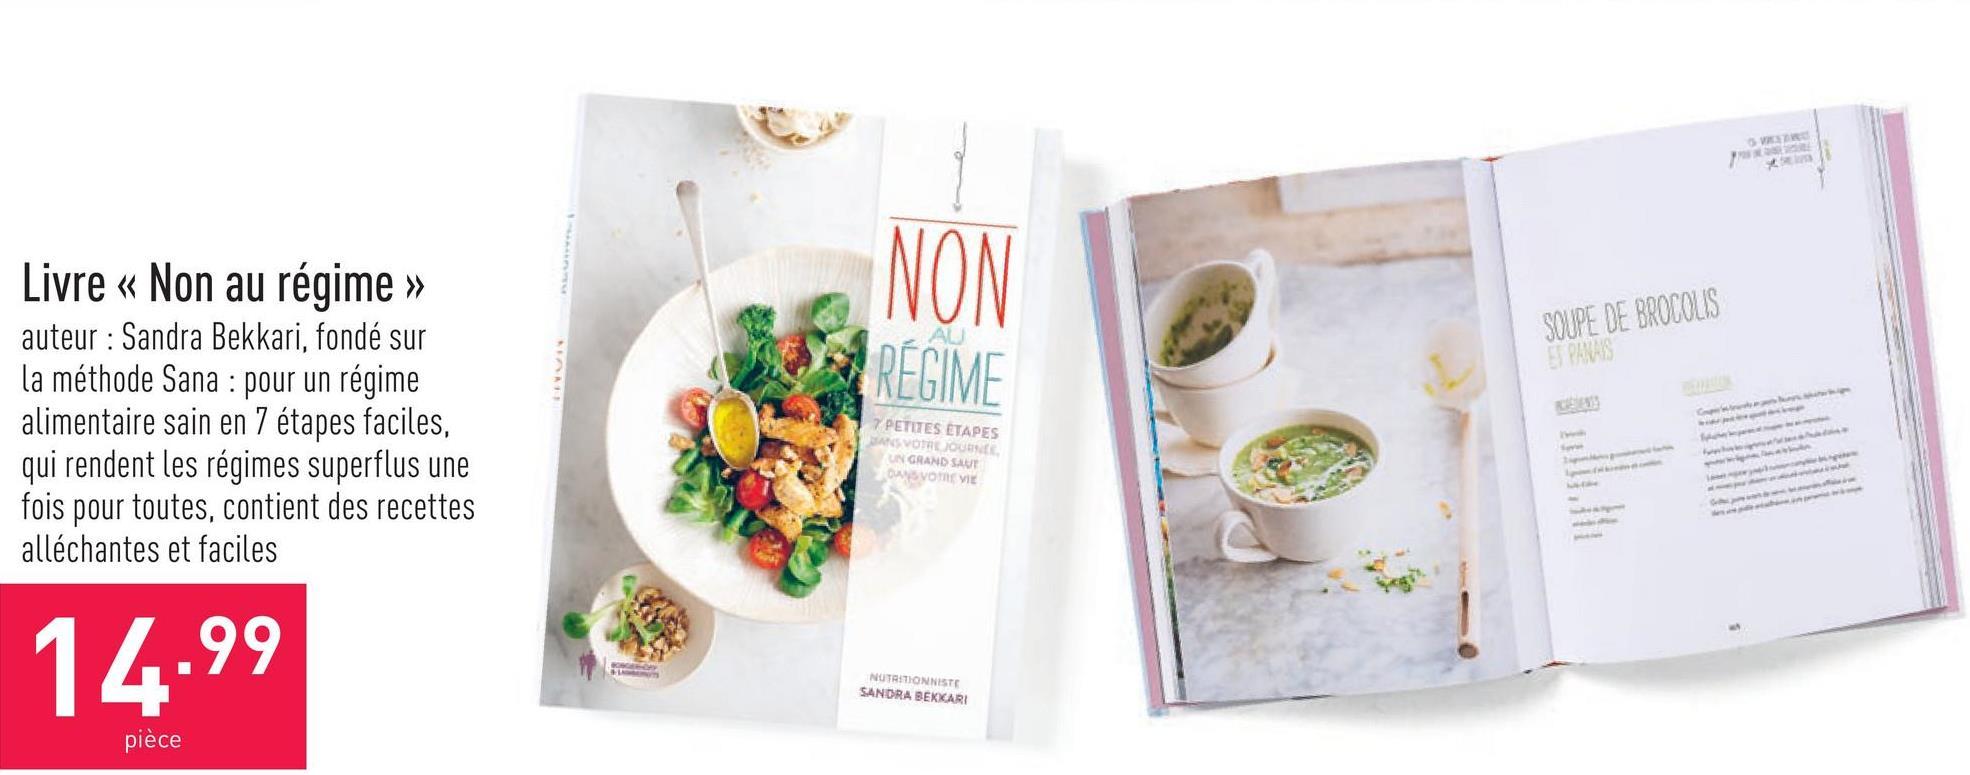 Livre « Non au régime » auteur : Sandra Bekkari, fondé sur la méthode Sana : pour un régime alimentaire sain en 7 étapes faciles, qui rendent les régimes superflus une fois pour toutes, contient des recettes alléchantes et faciles